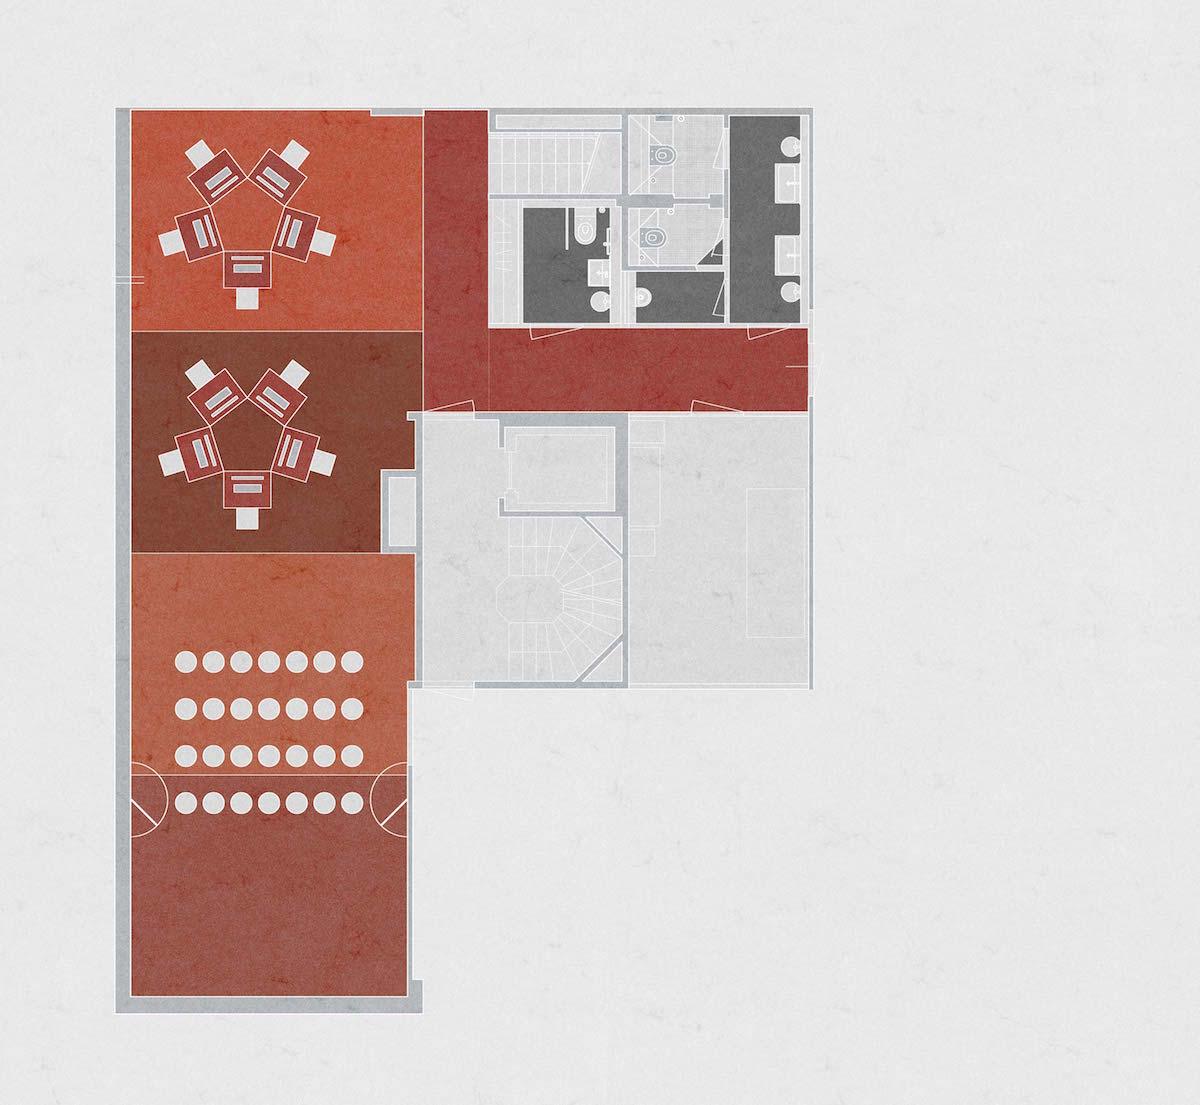 Im Untergeschoss befinden sich neben den Toiletten auch Räume für e-Sports mit sternförmiger Tischordnung sowie Live-Screenings und Workshops.